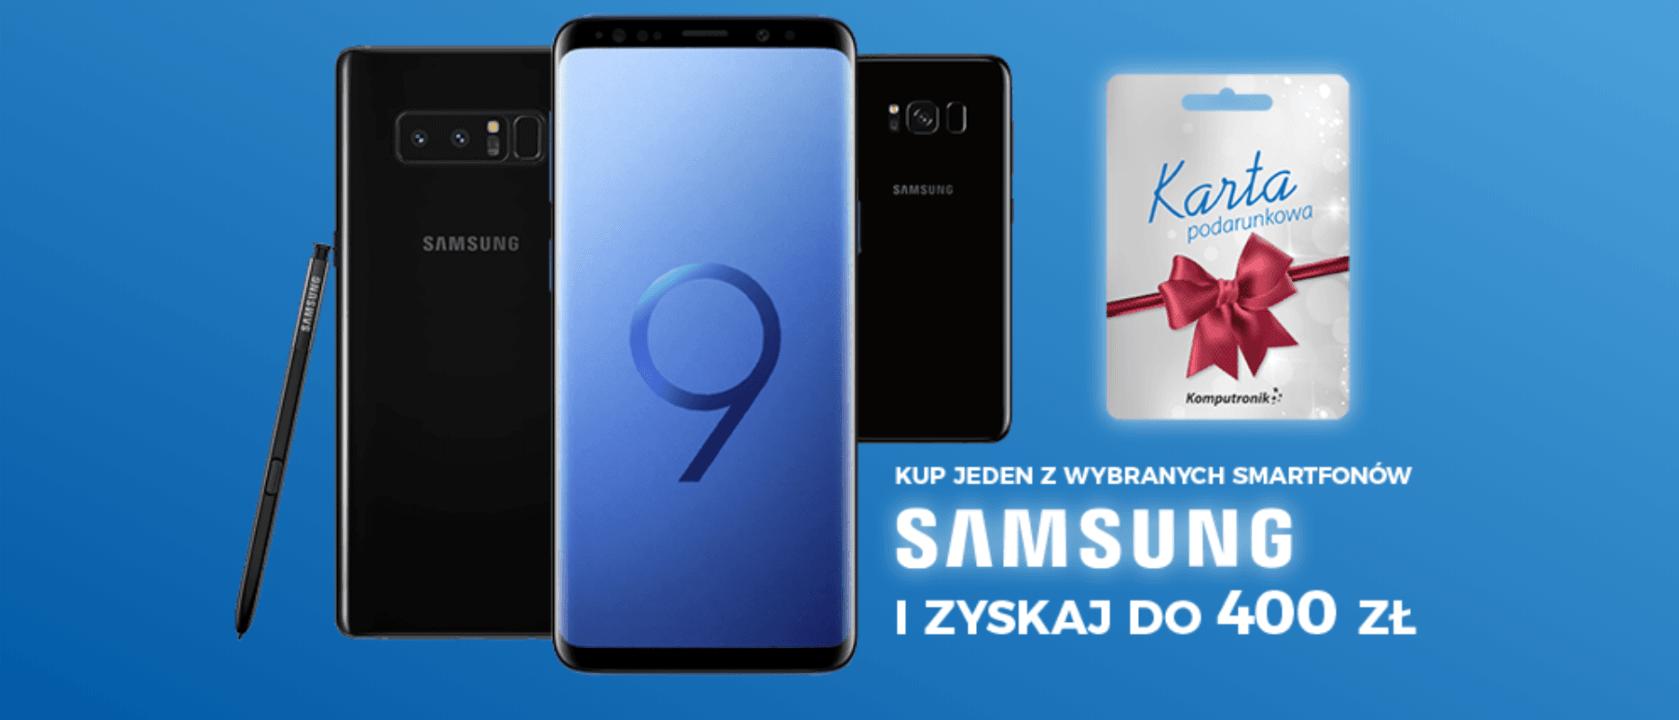 Promocja: za każde wydane 1000 zł na wybrane modele Samsunga, zyskasz 100 zł na karcie podarunkowej 19